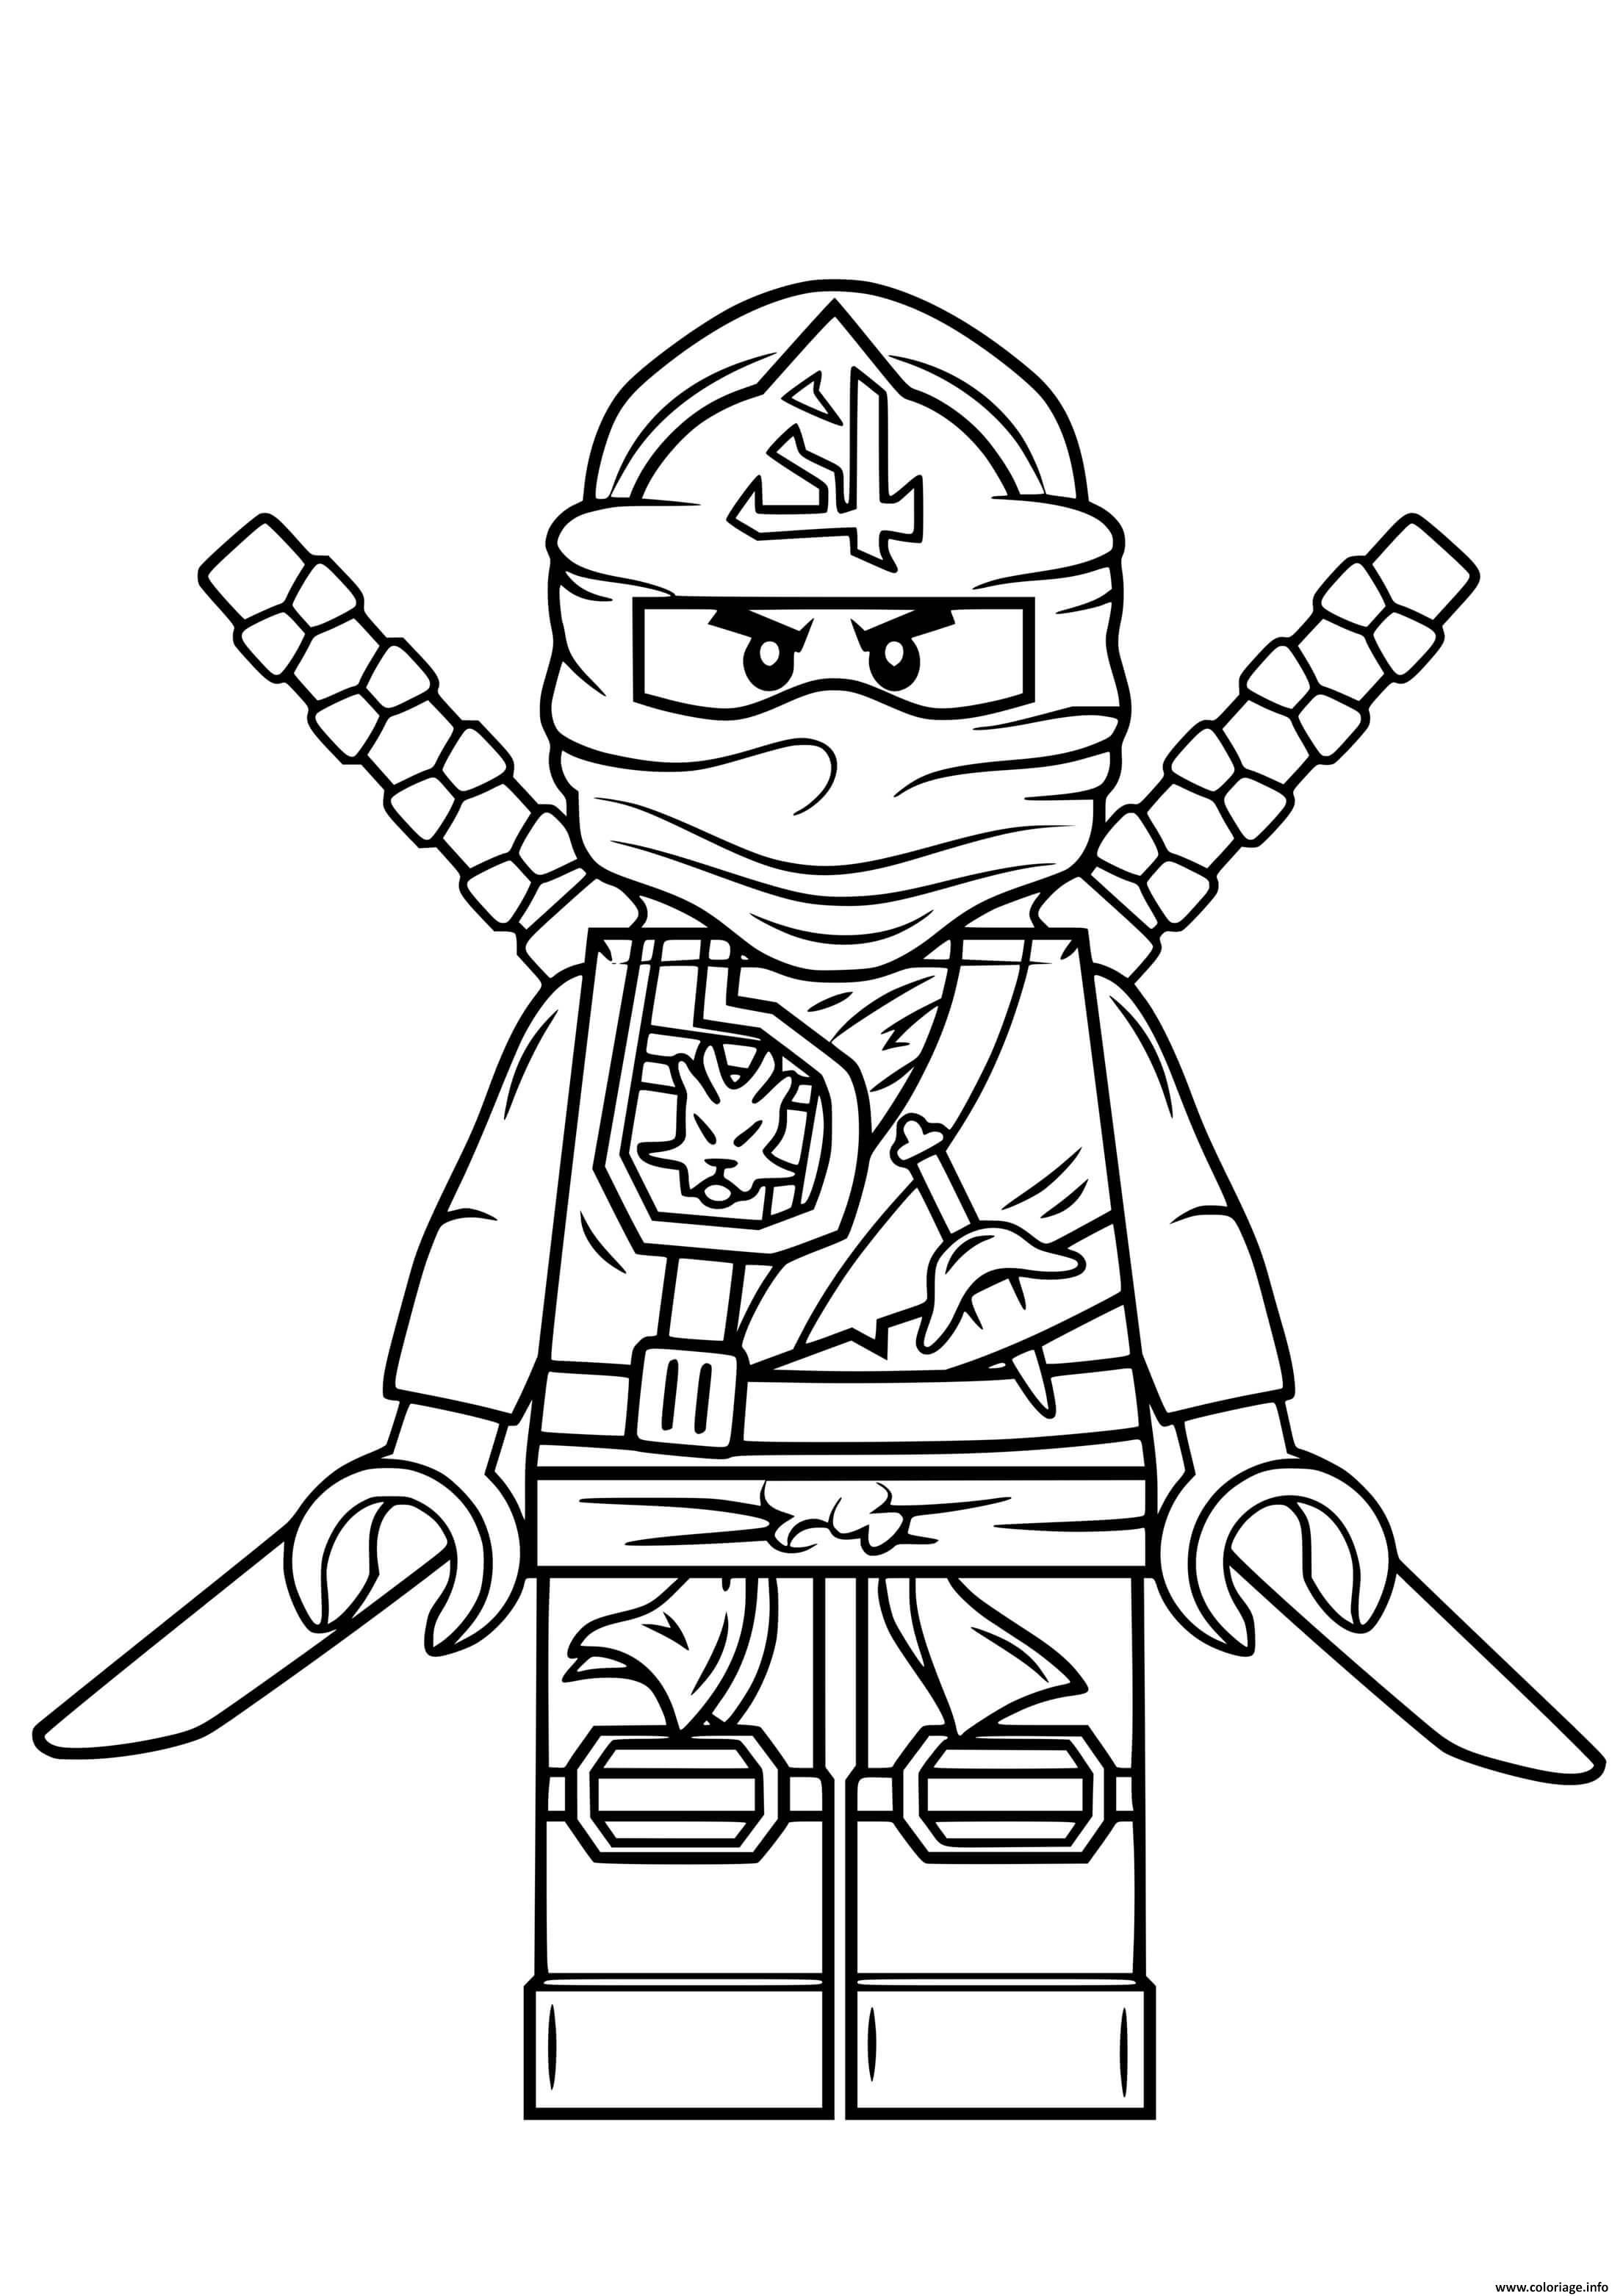 Dessin lego ninjago vert ninja Coloriage Gratuit à Imprimer